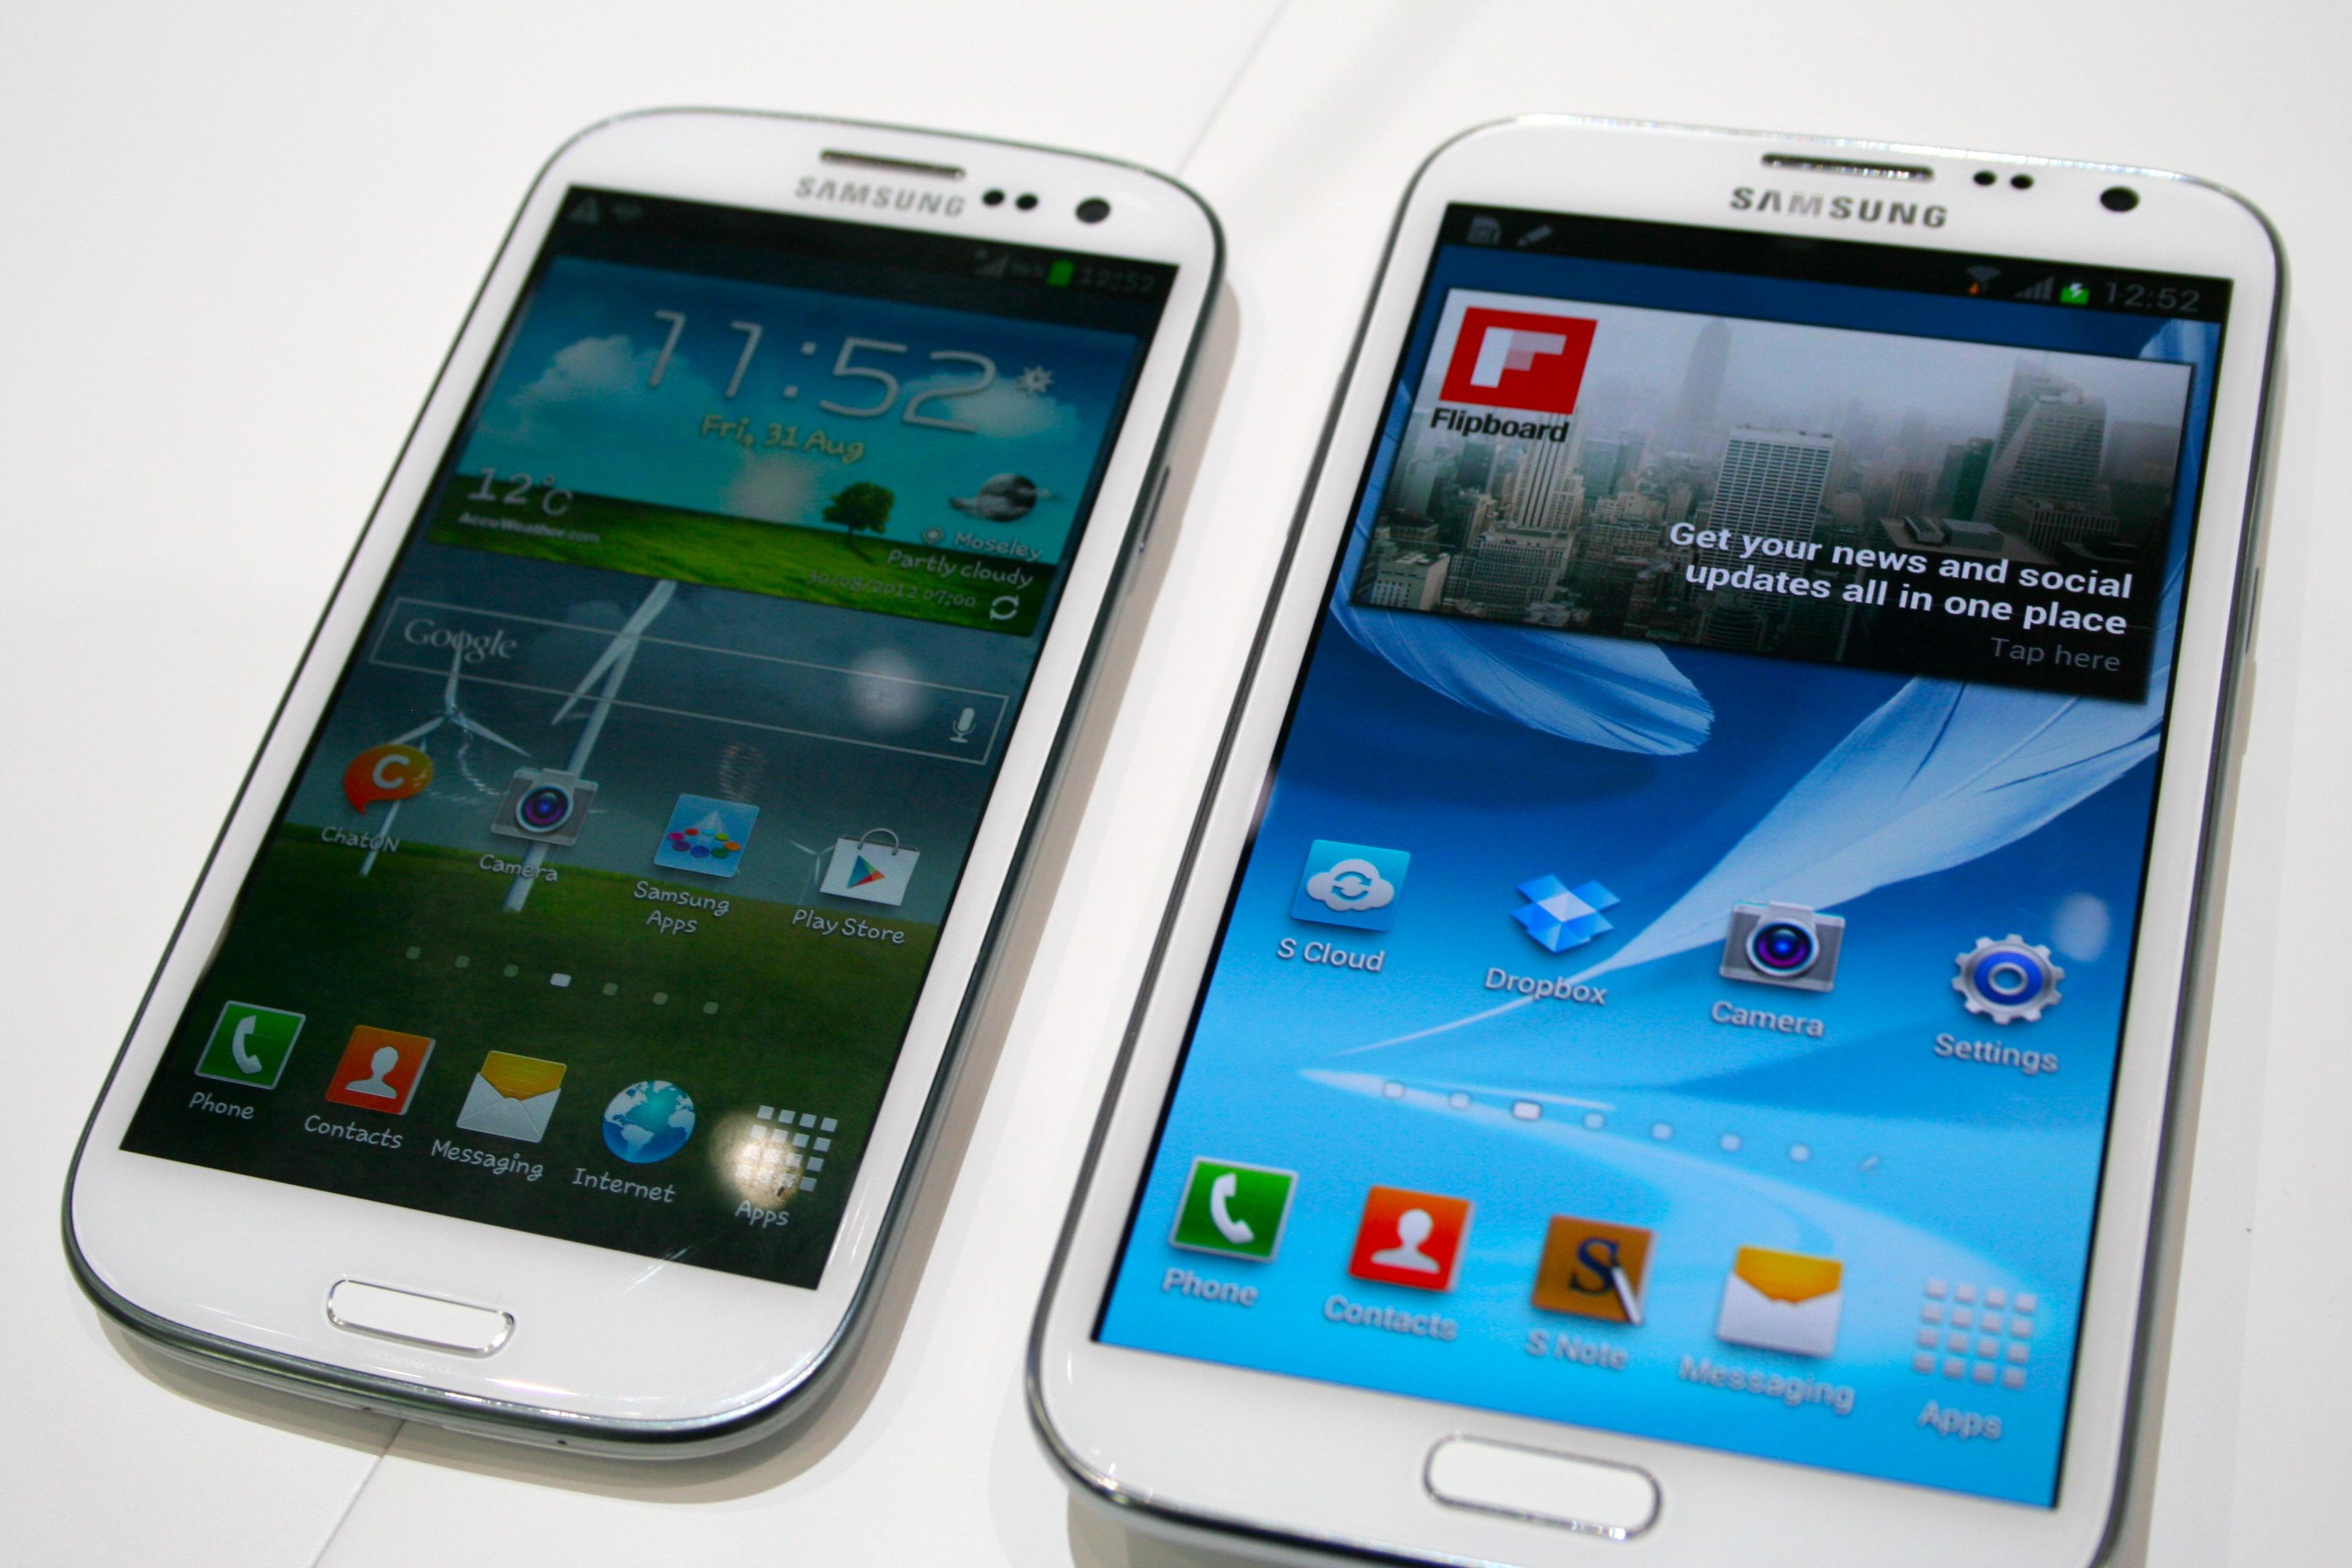 Samsung Galaxy Note 2 versus Galaxy S3